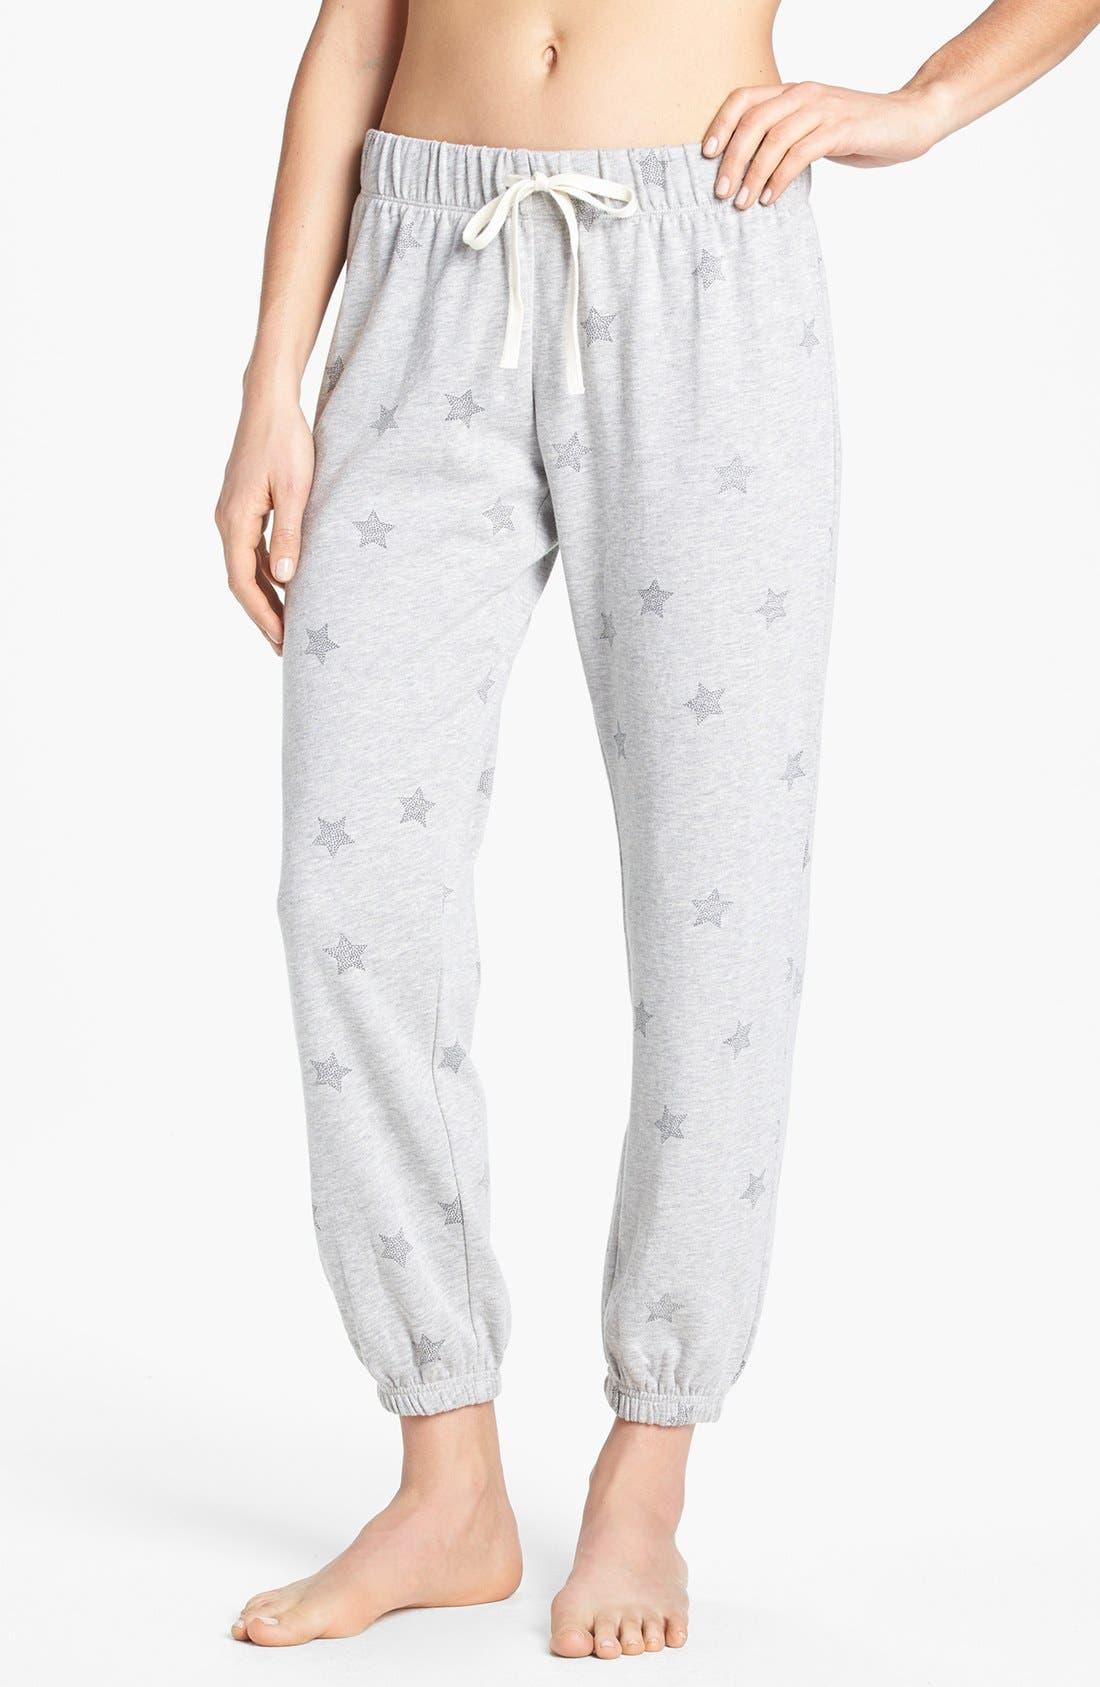 Alternate Image 1 Selected - Make + Model 'Jogger' Fleece Pants